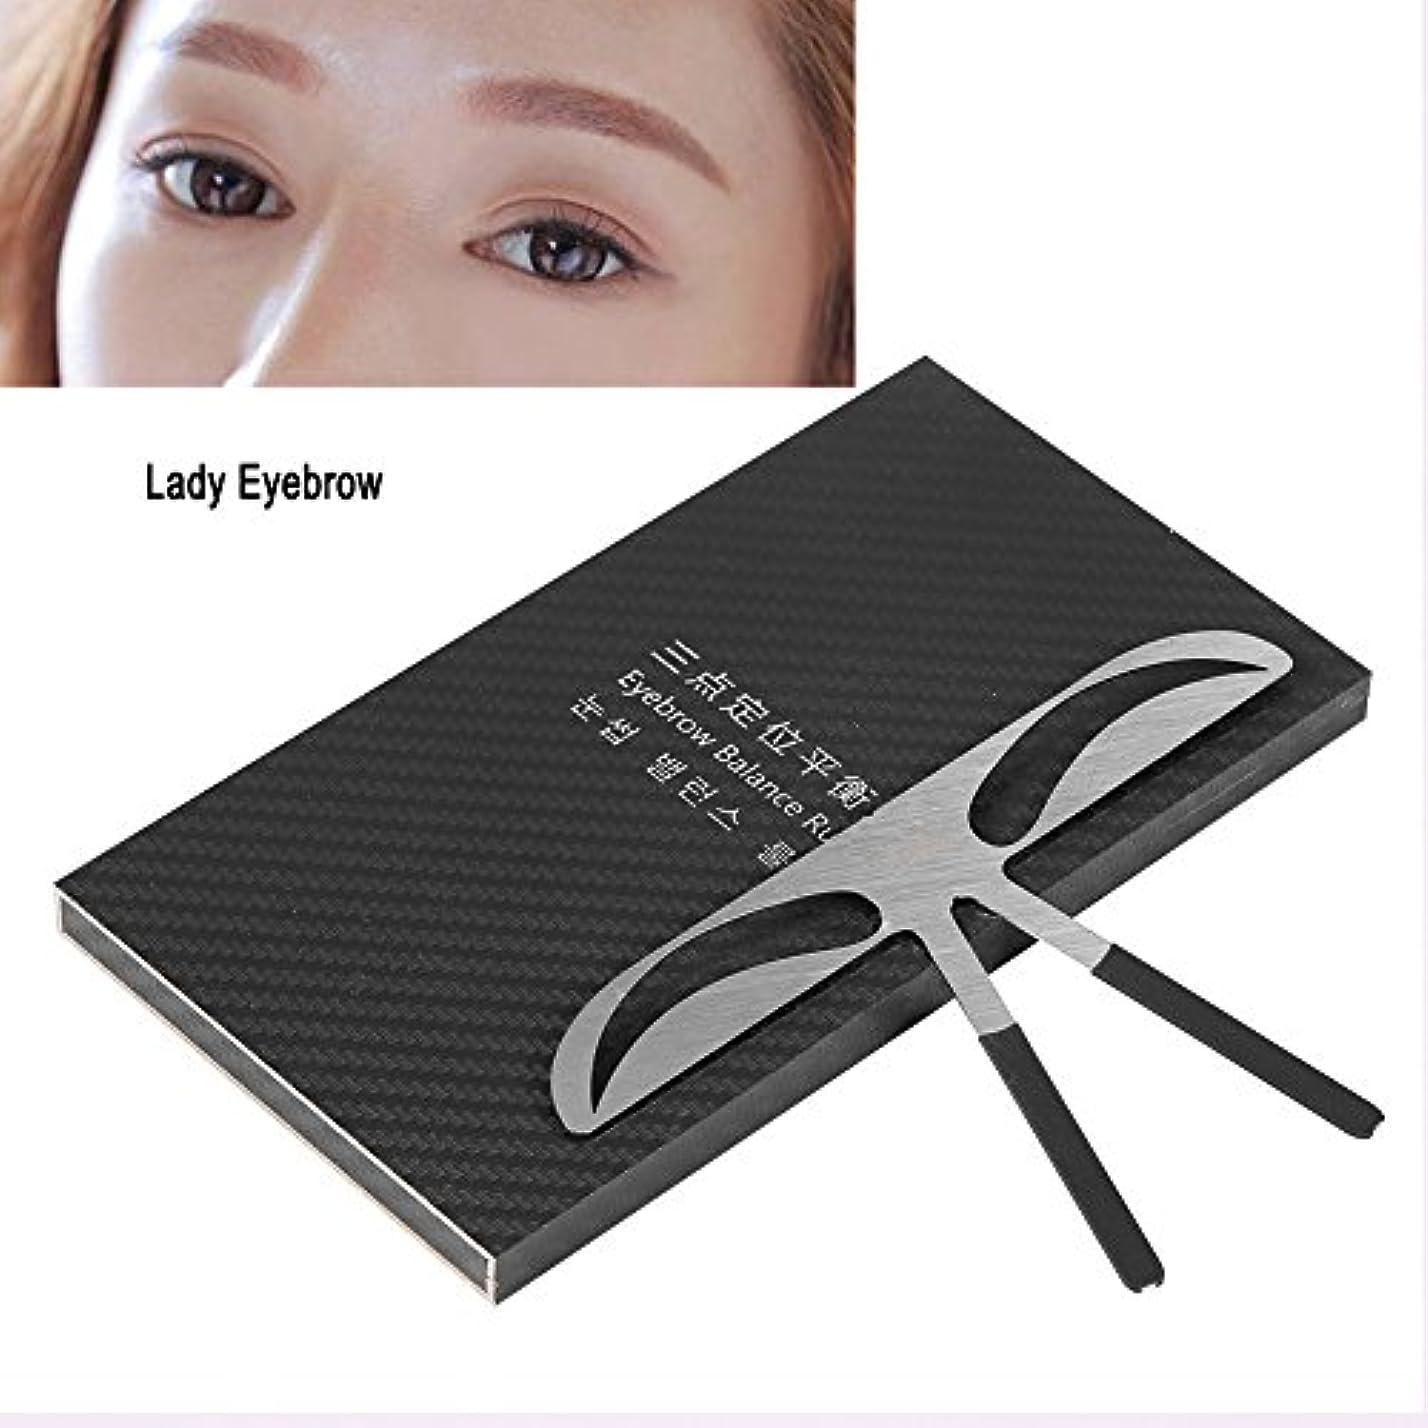 かもしれない聖なる主流Ochun 眉毛テンプレート 眉毛メイクツール 眉毛を描く 位置測定 3点測定メイク 左右対称 眉毛用ルーラー(#3)